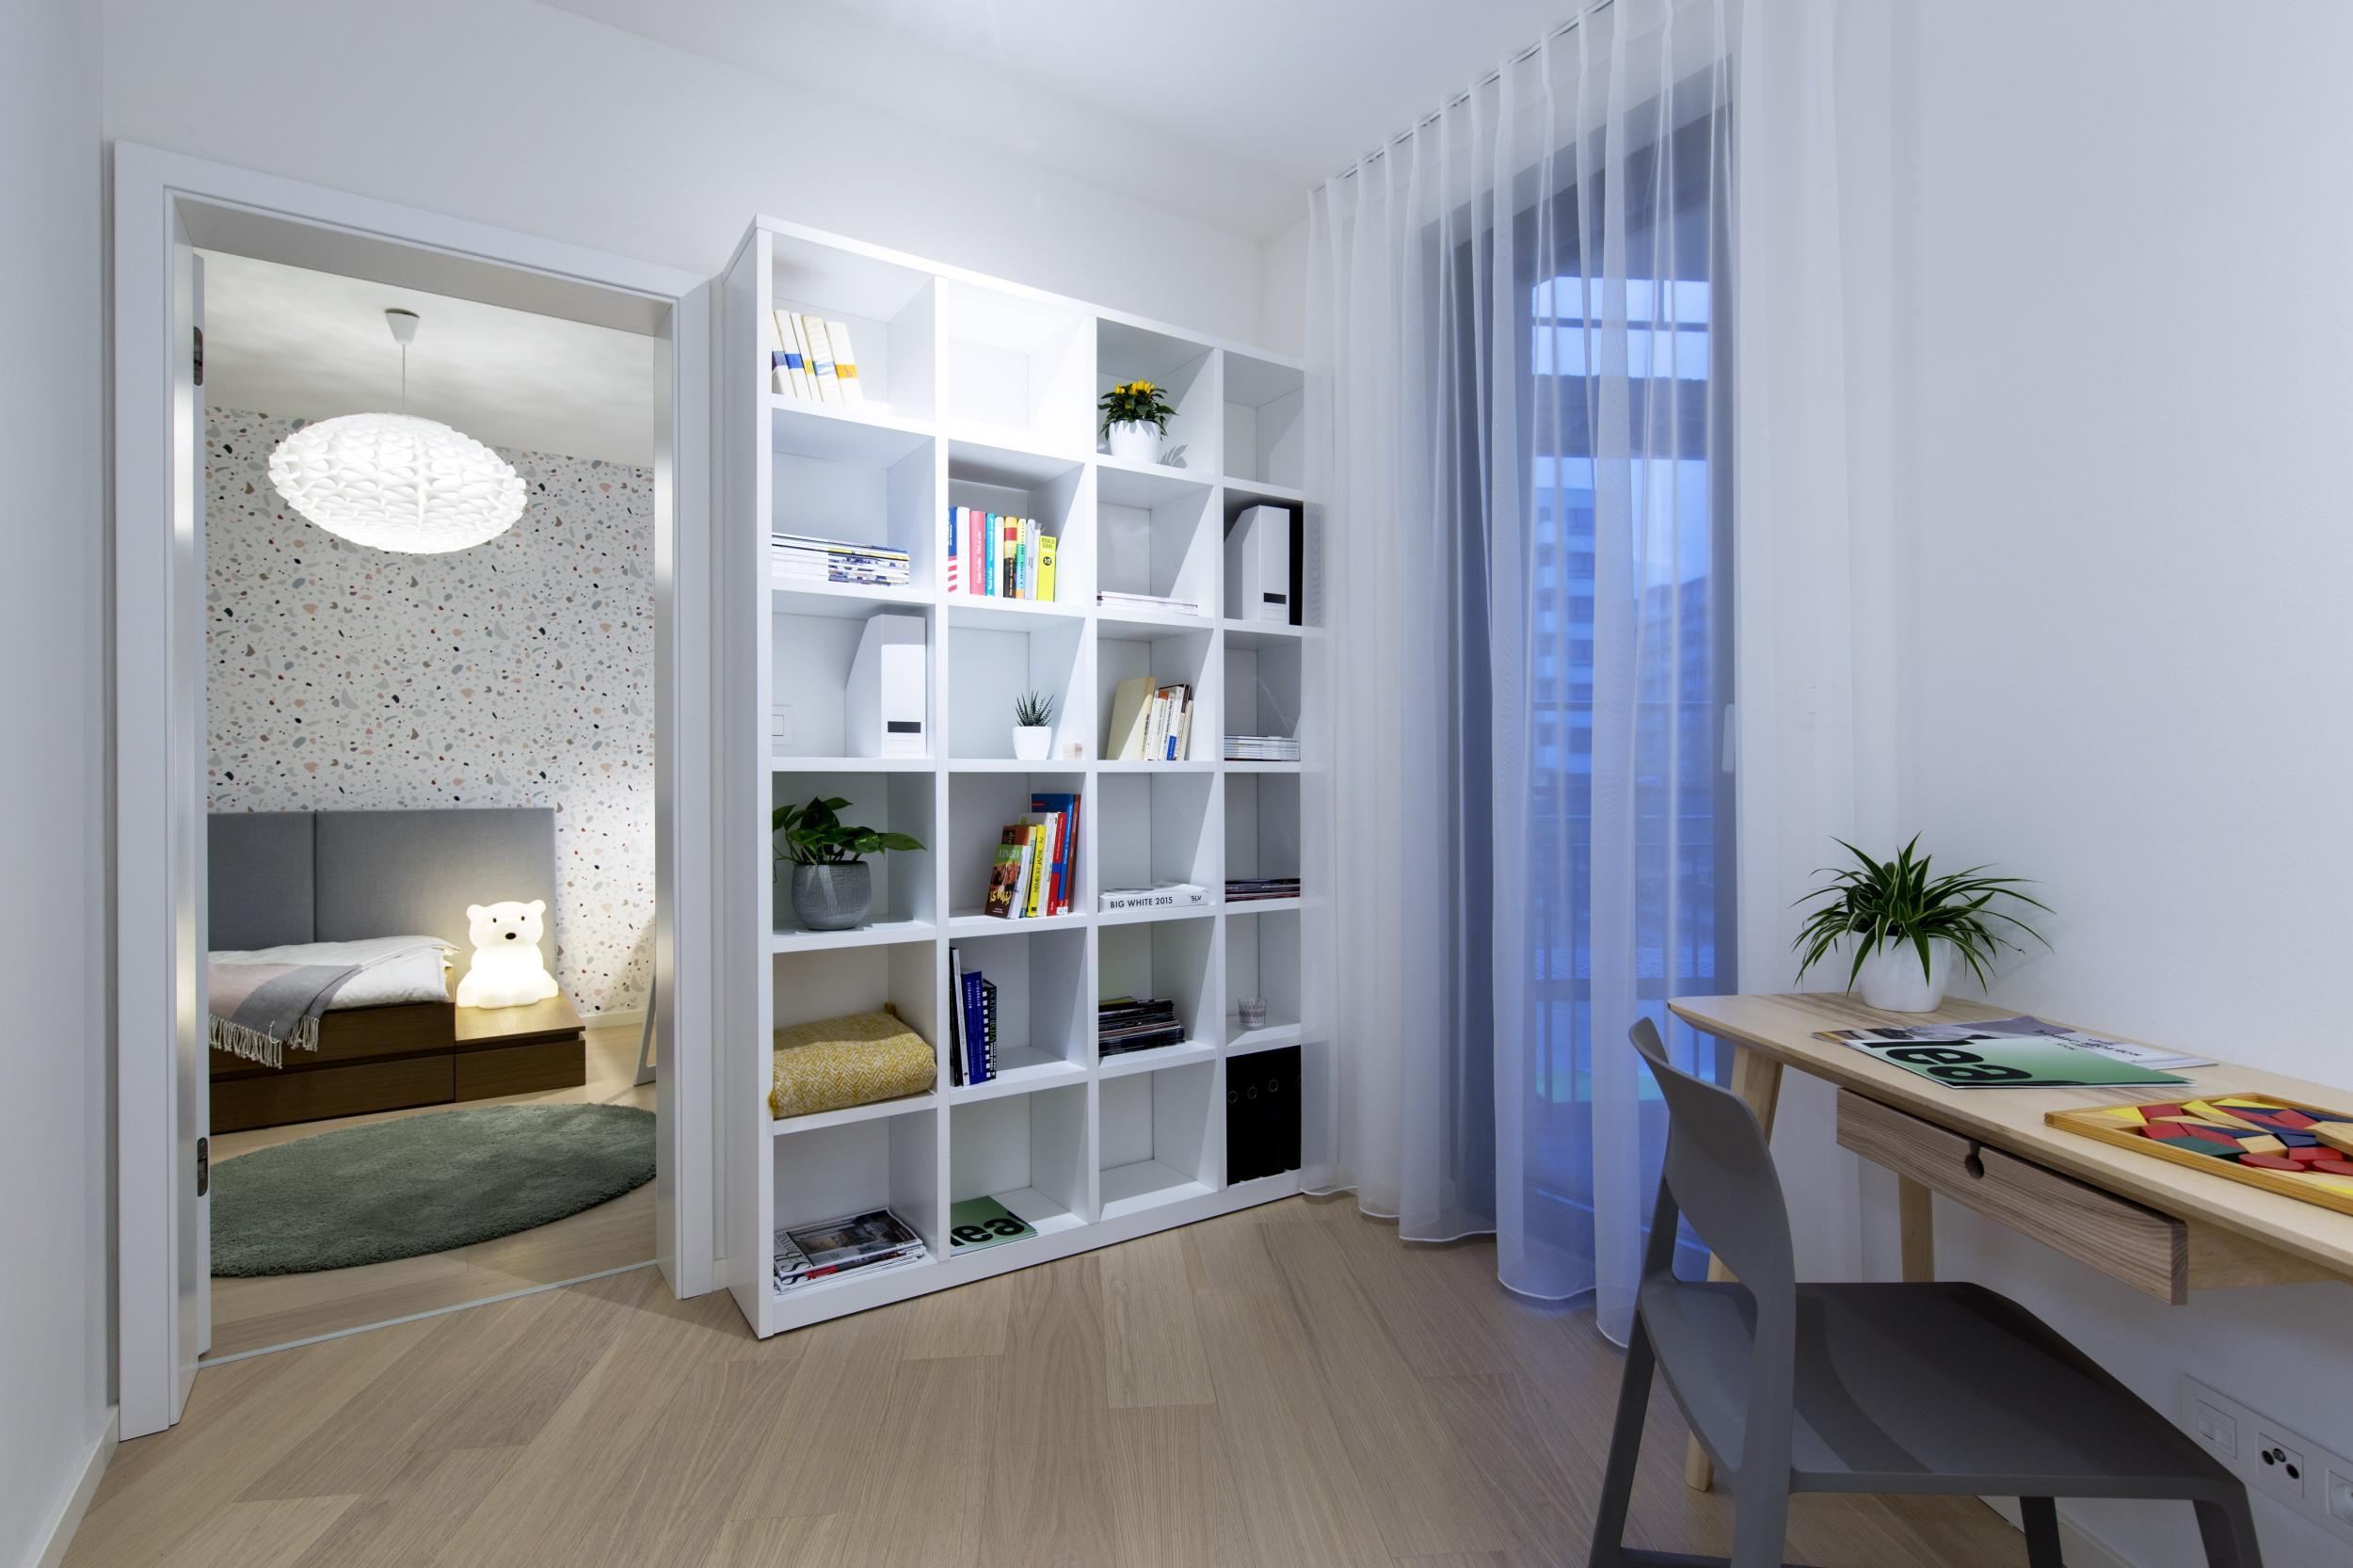 Muster Wohnung im skandinavischen Design, Rezidencia Blumental ...